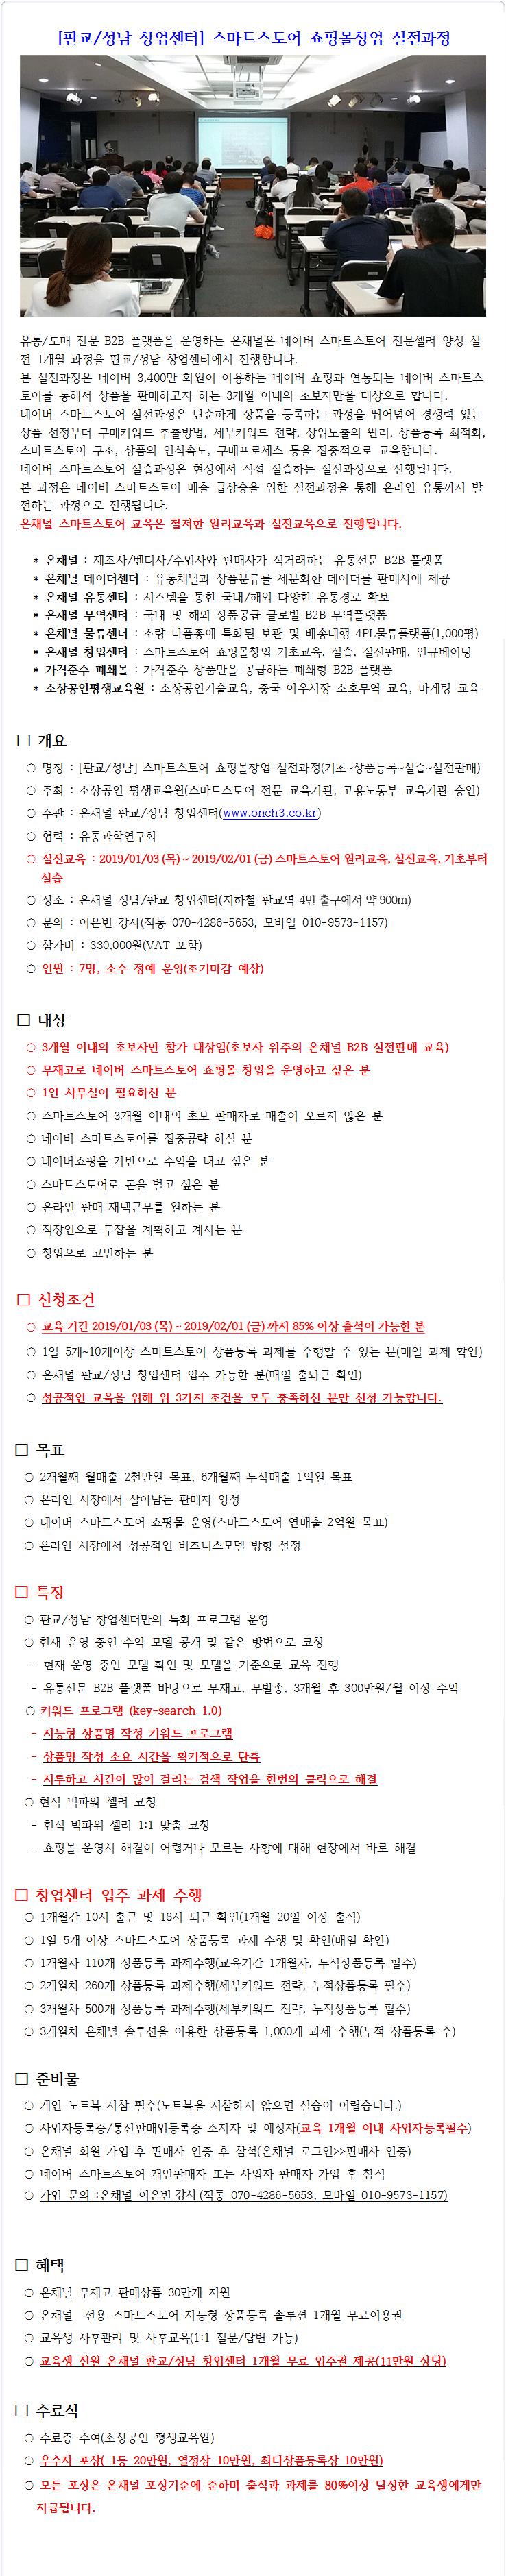 판교2기커리_1_완성.png